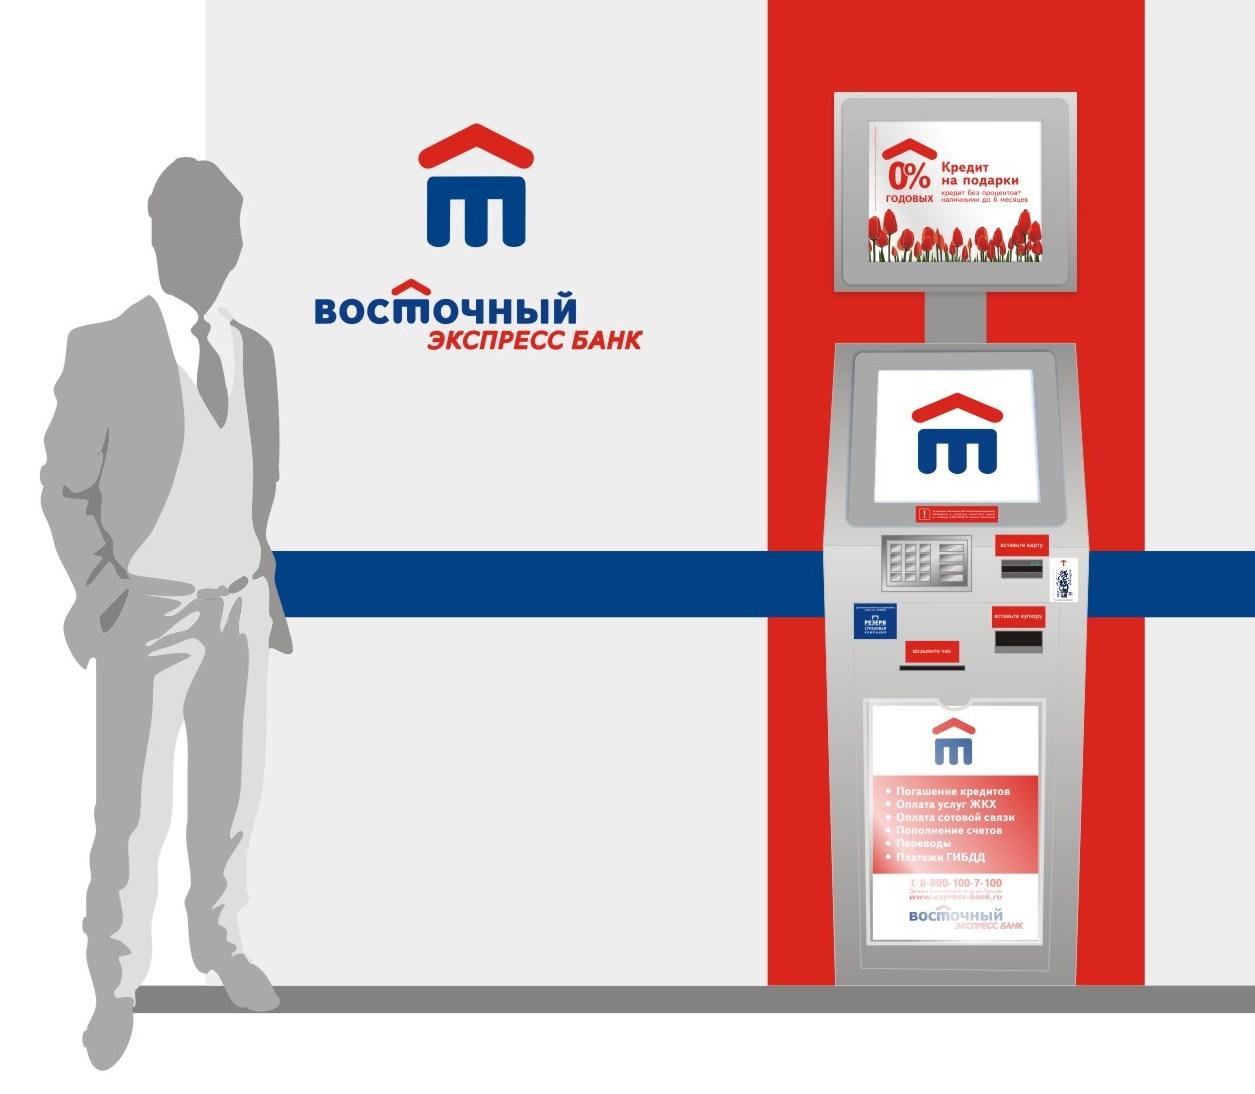 банк восточный оренбург кредит